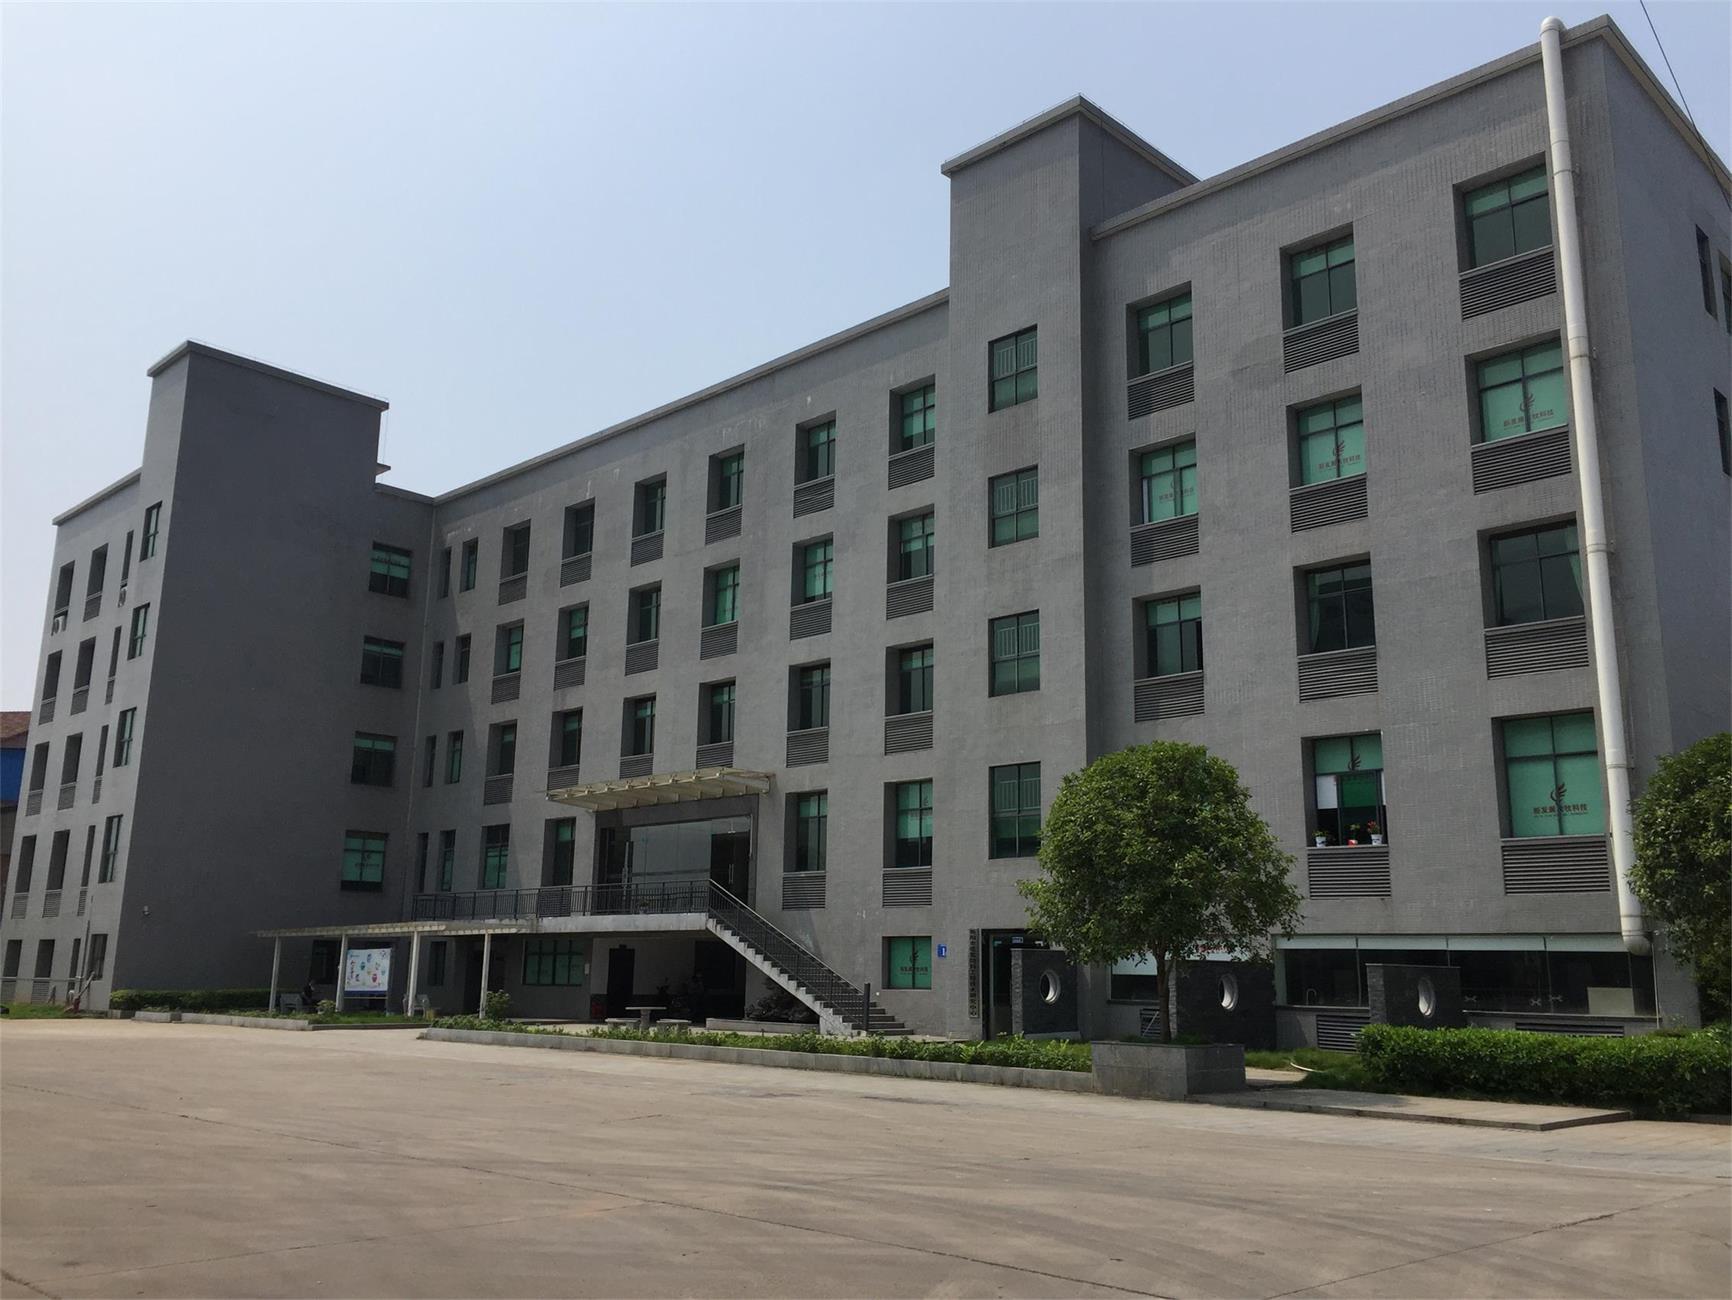 办公楼后景 - 低像素.jpg